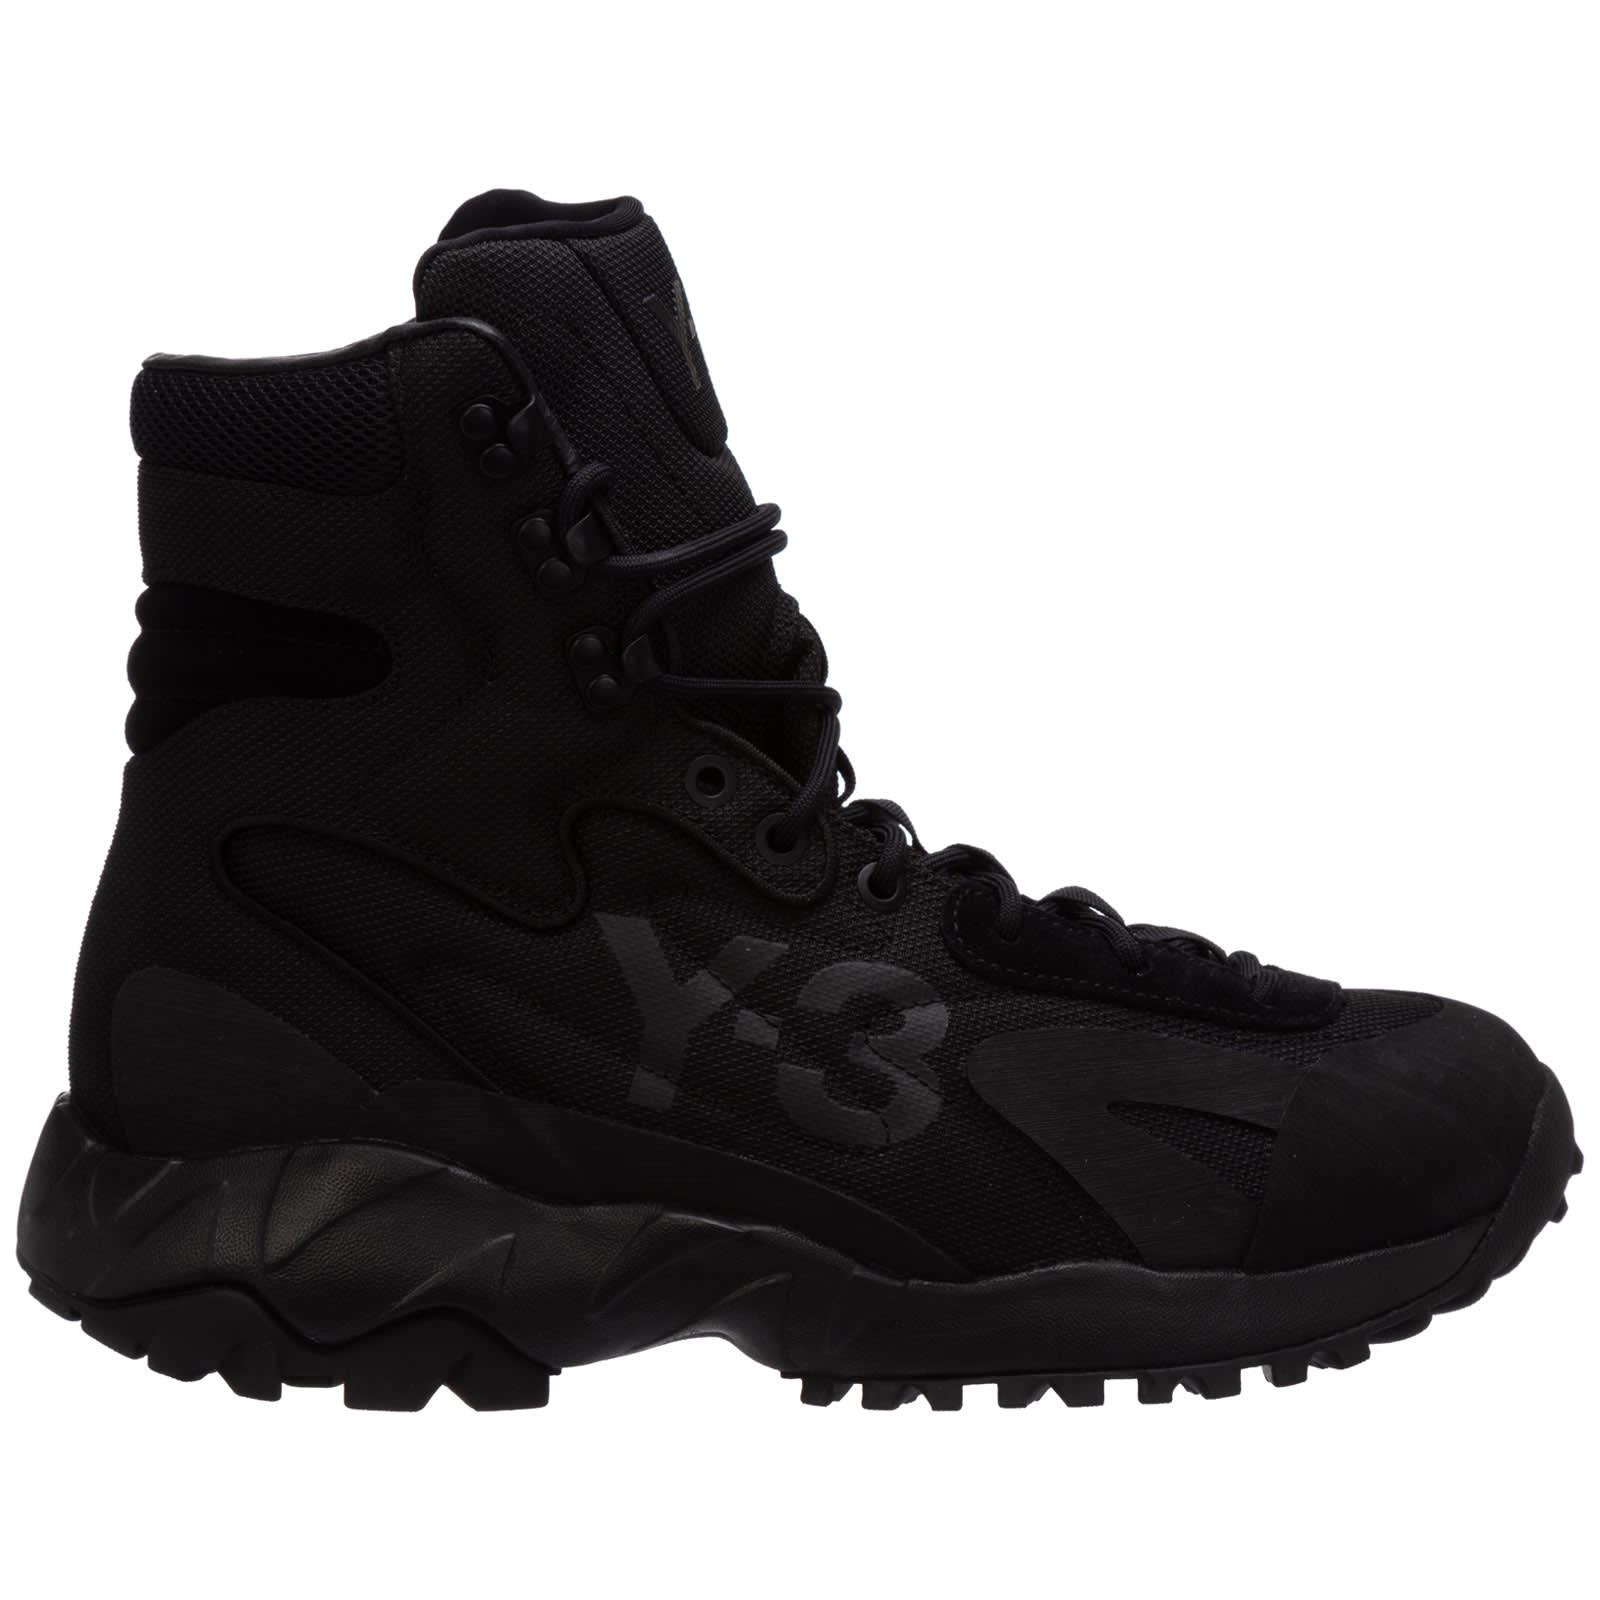 Y-3 Notoma High-top Sneakers